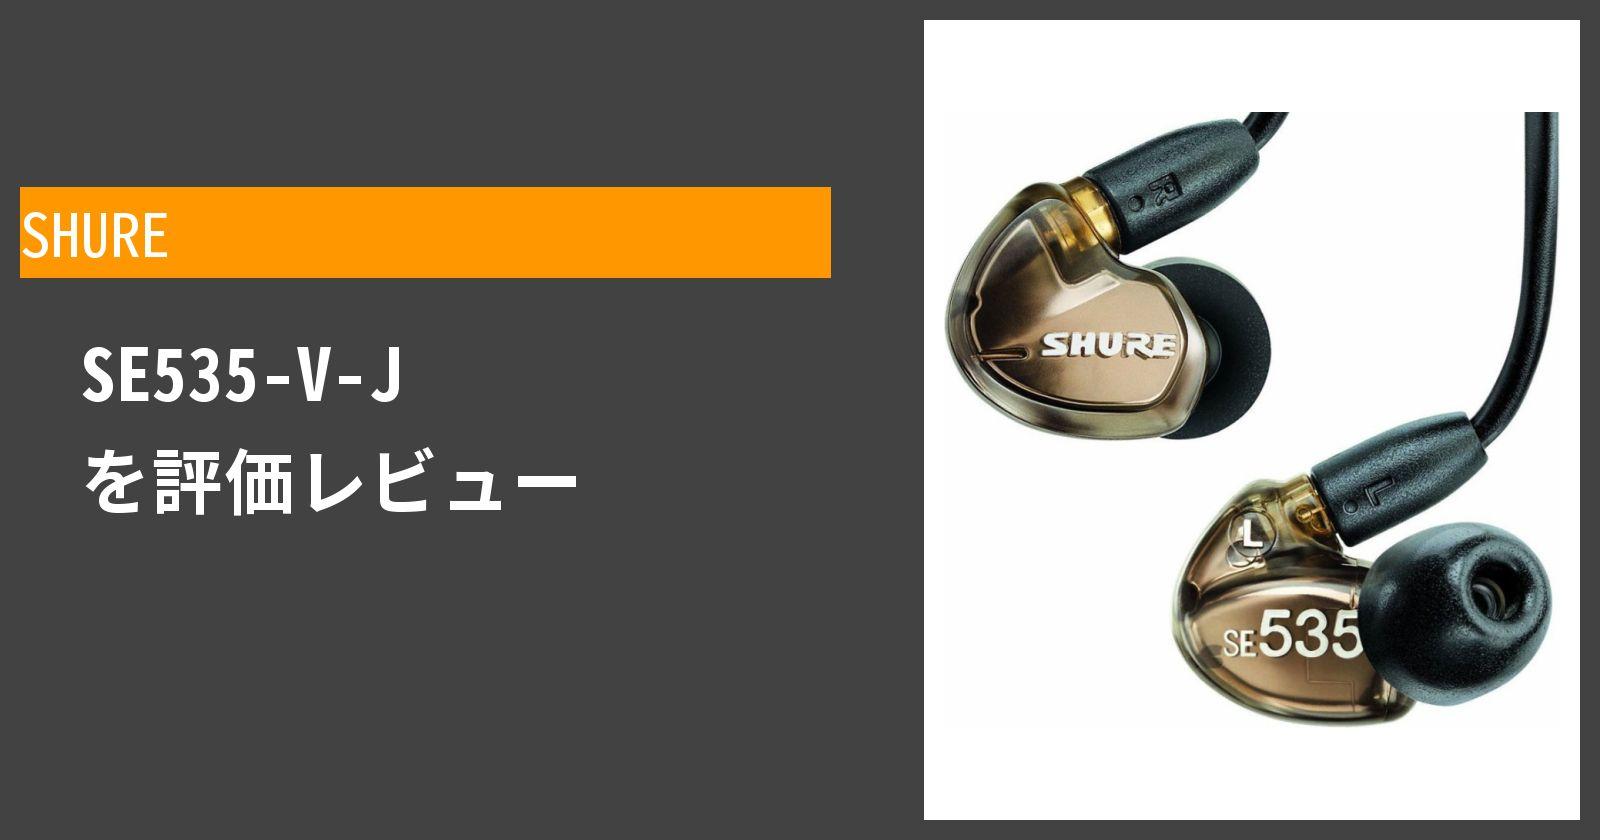 SE535-V-Jを徹底評価